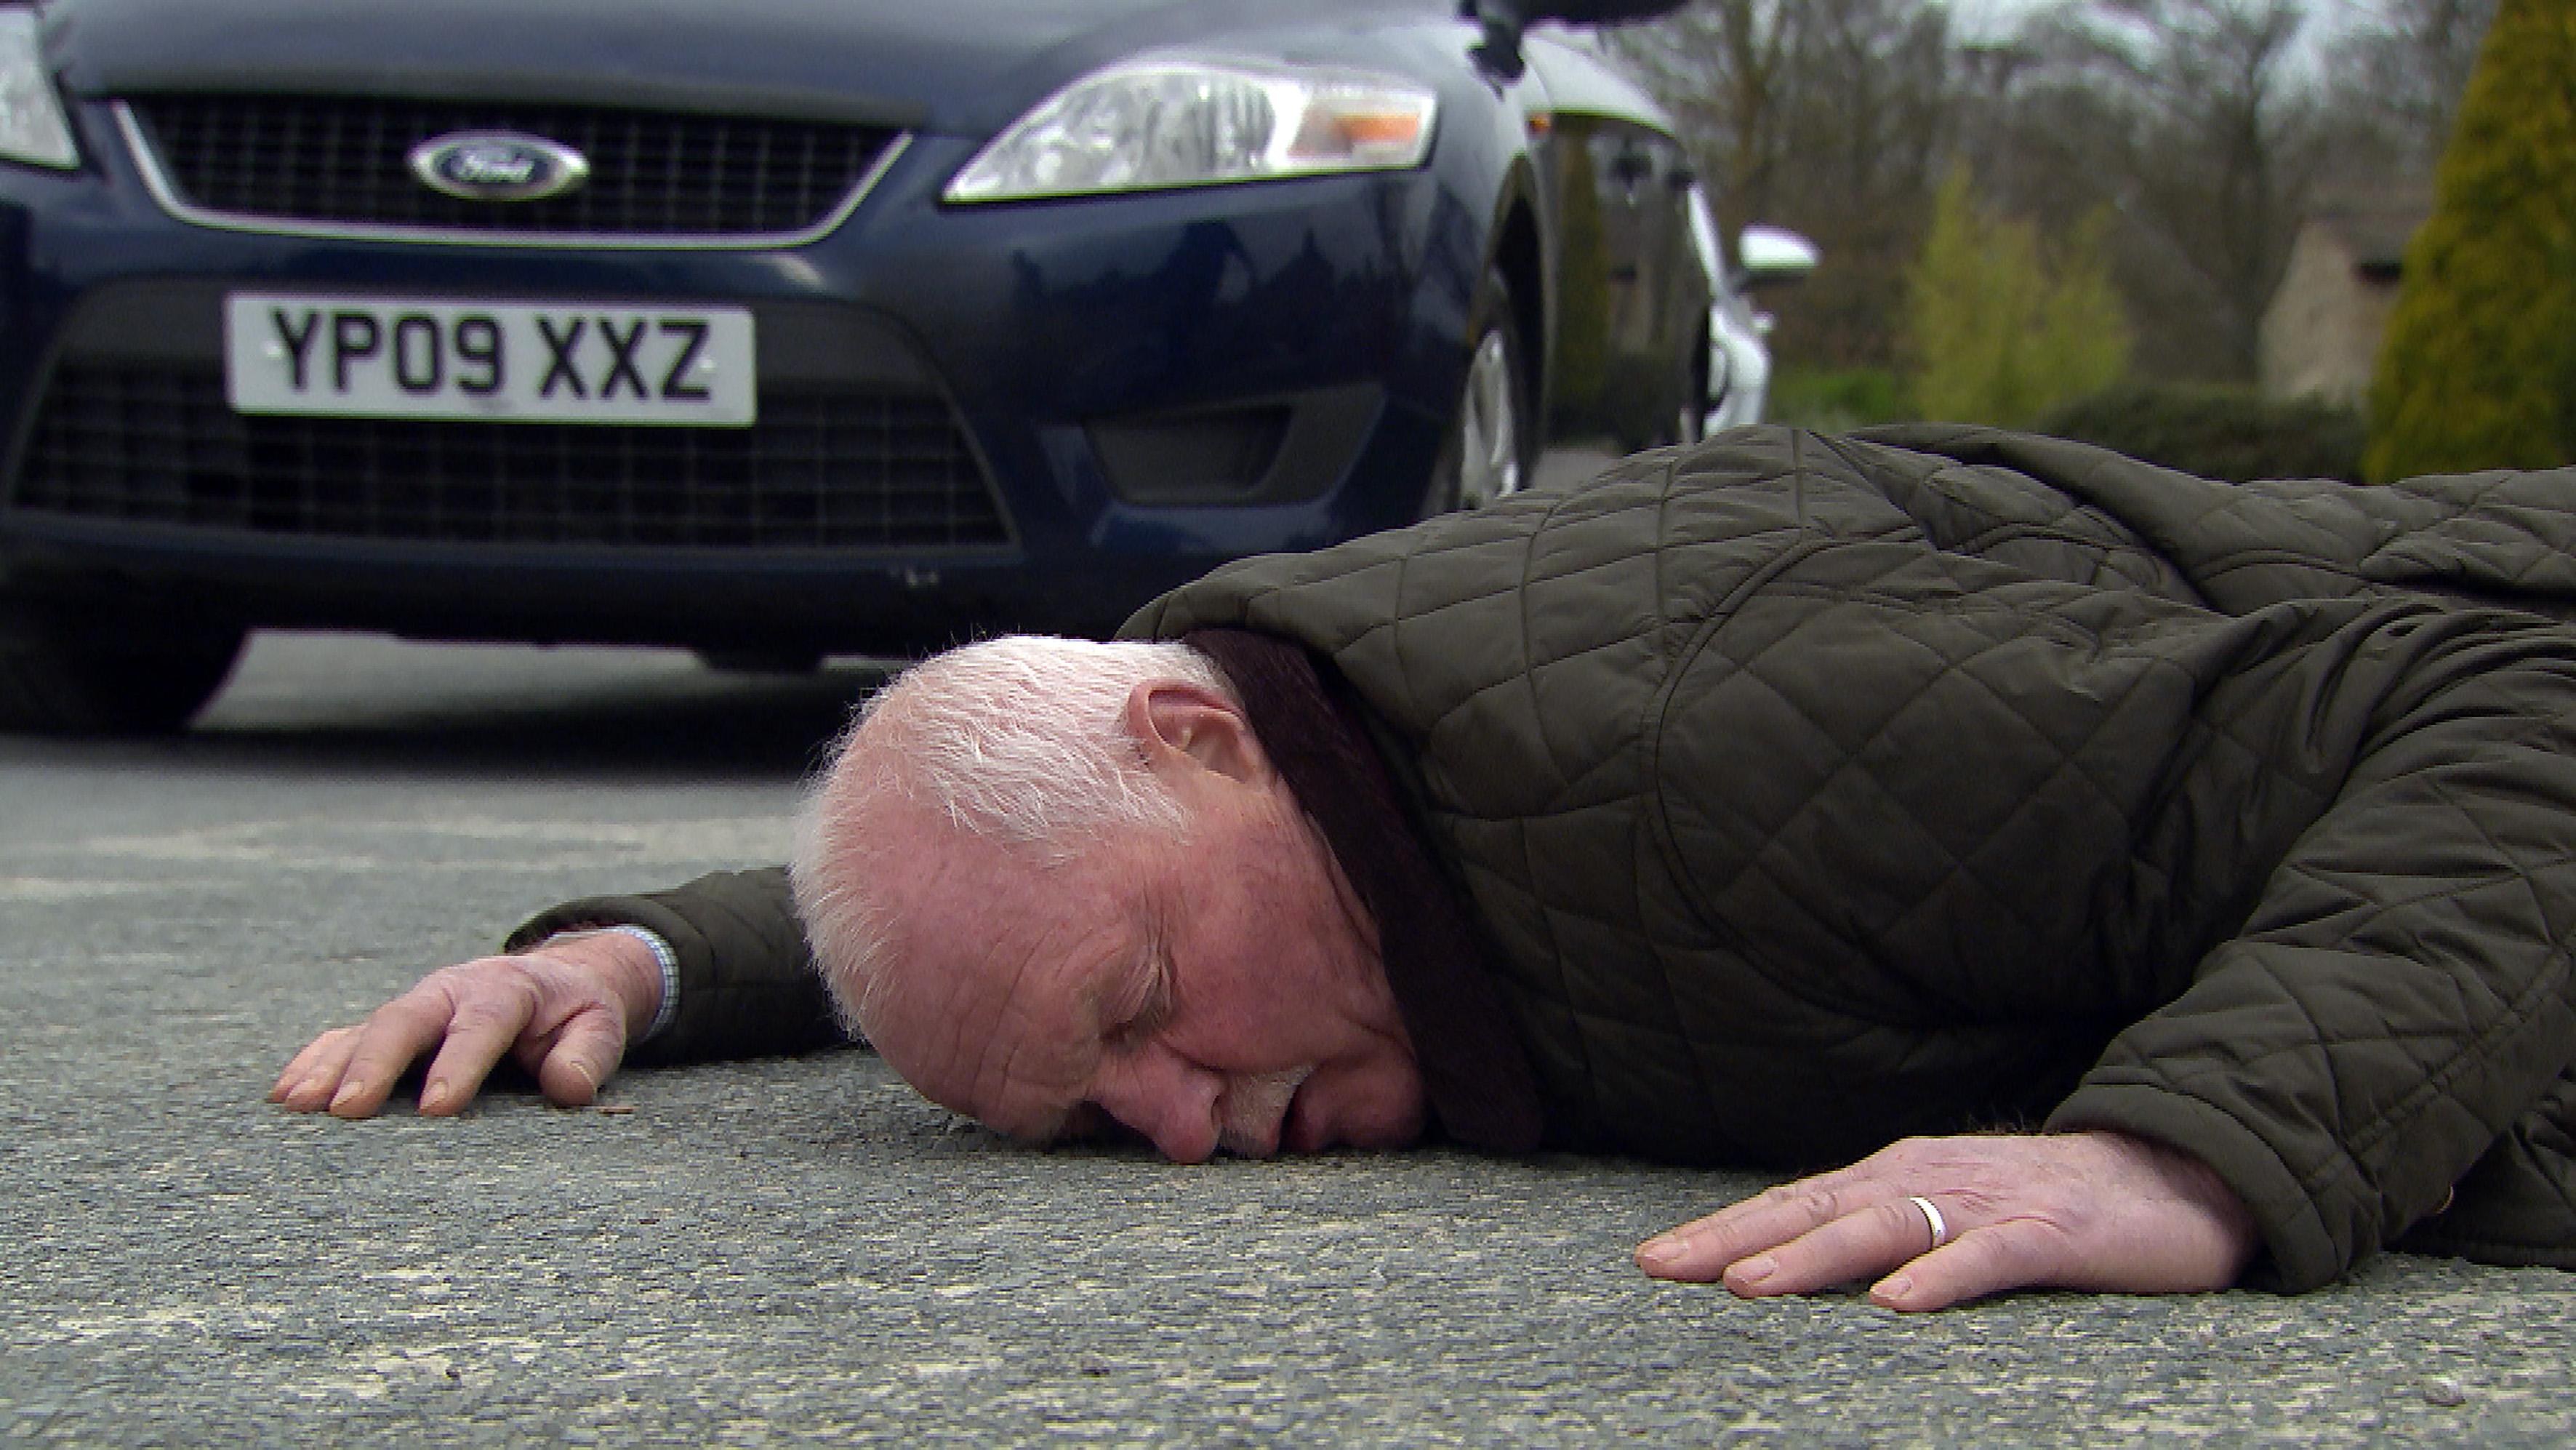 Emmerdale spoilers: Eric Pollard to die in shock crash storyline?